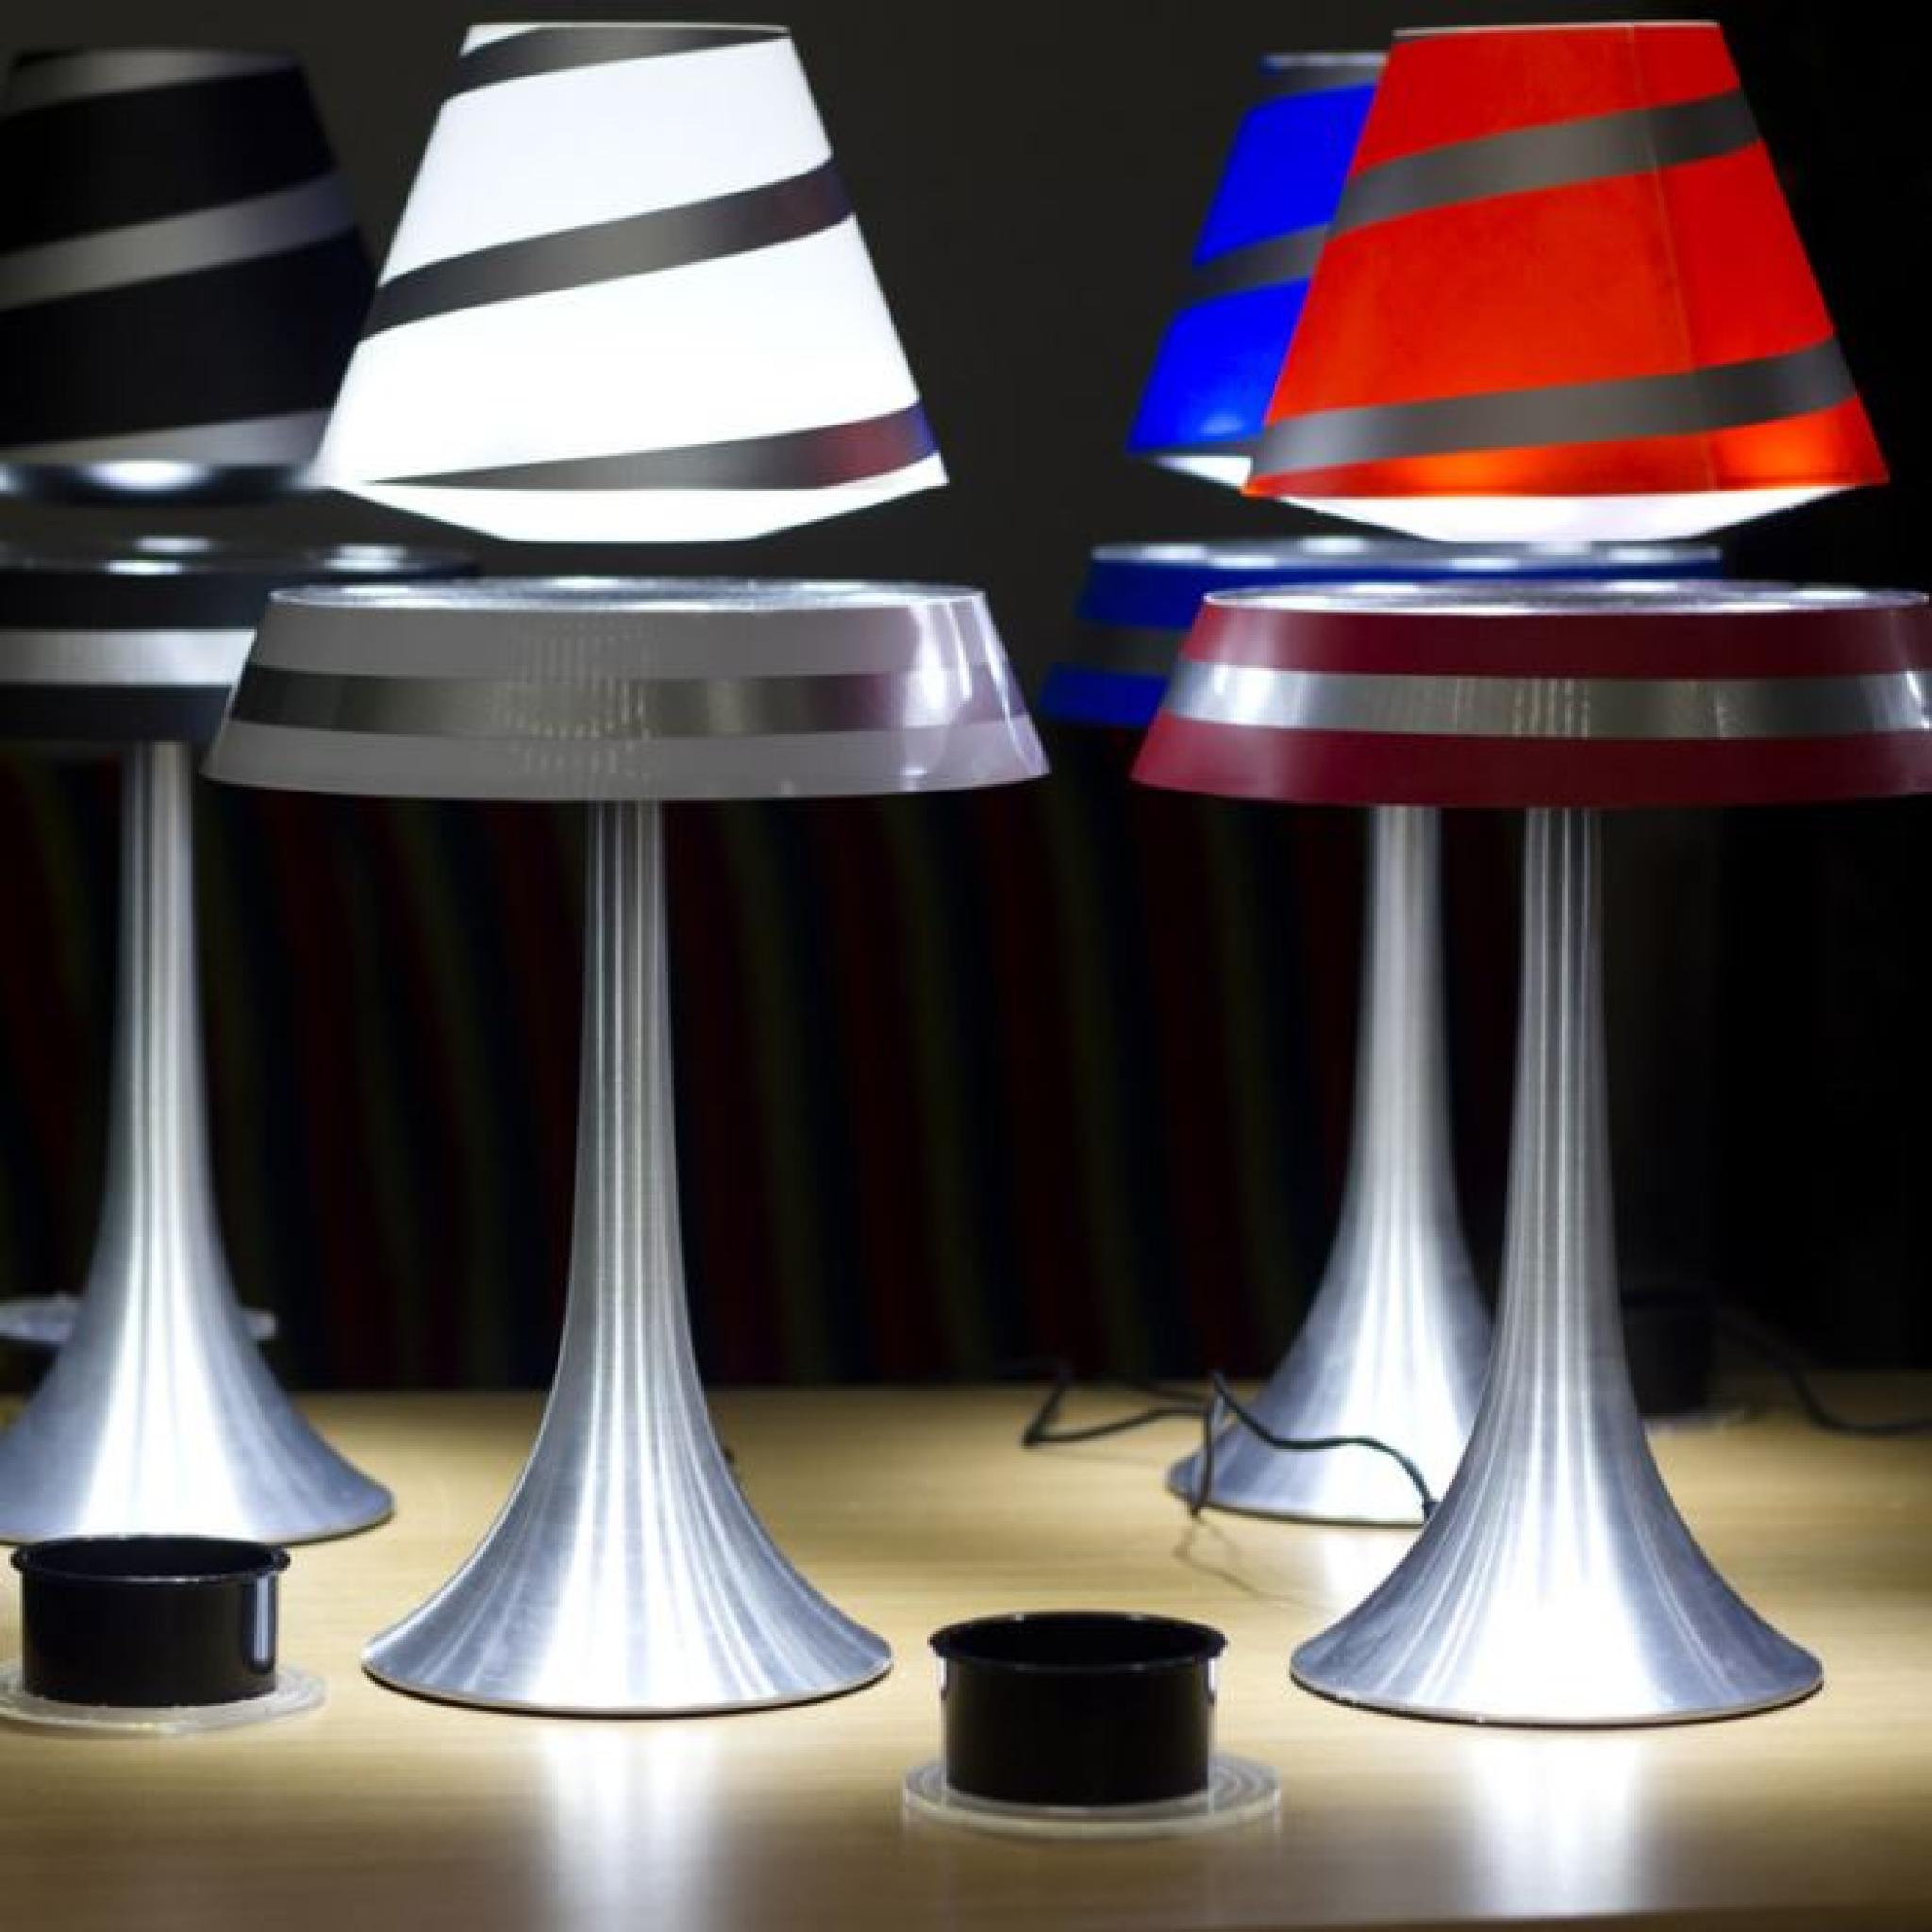 lampe anti gravit achat vente lampe a poser pas cher couleur et. Black Bedroom Furniture Sets. Home Design Ideas